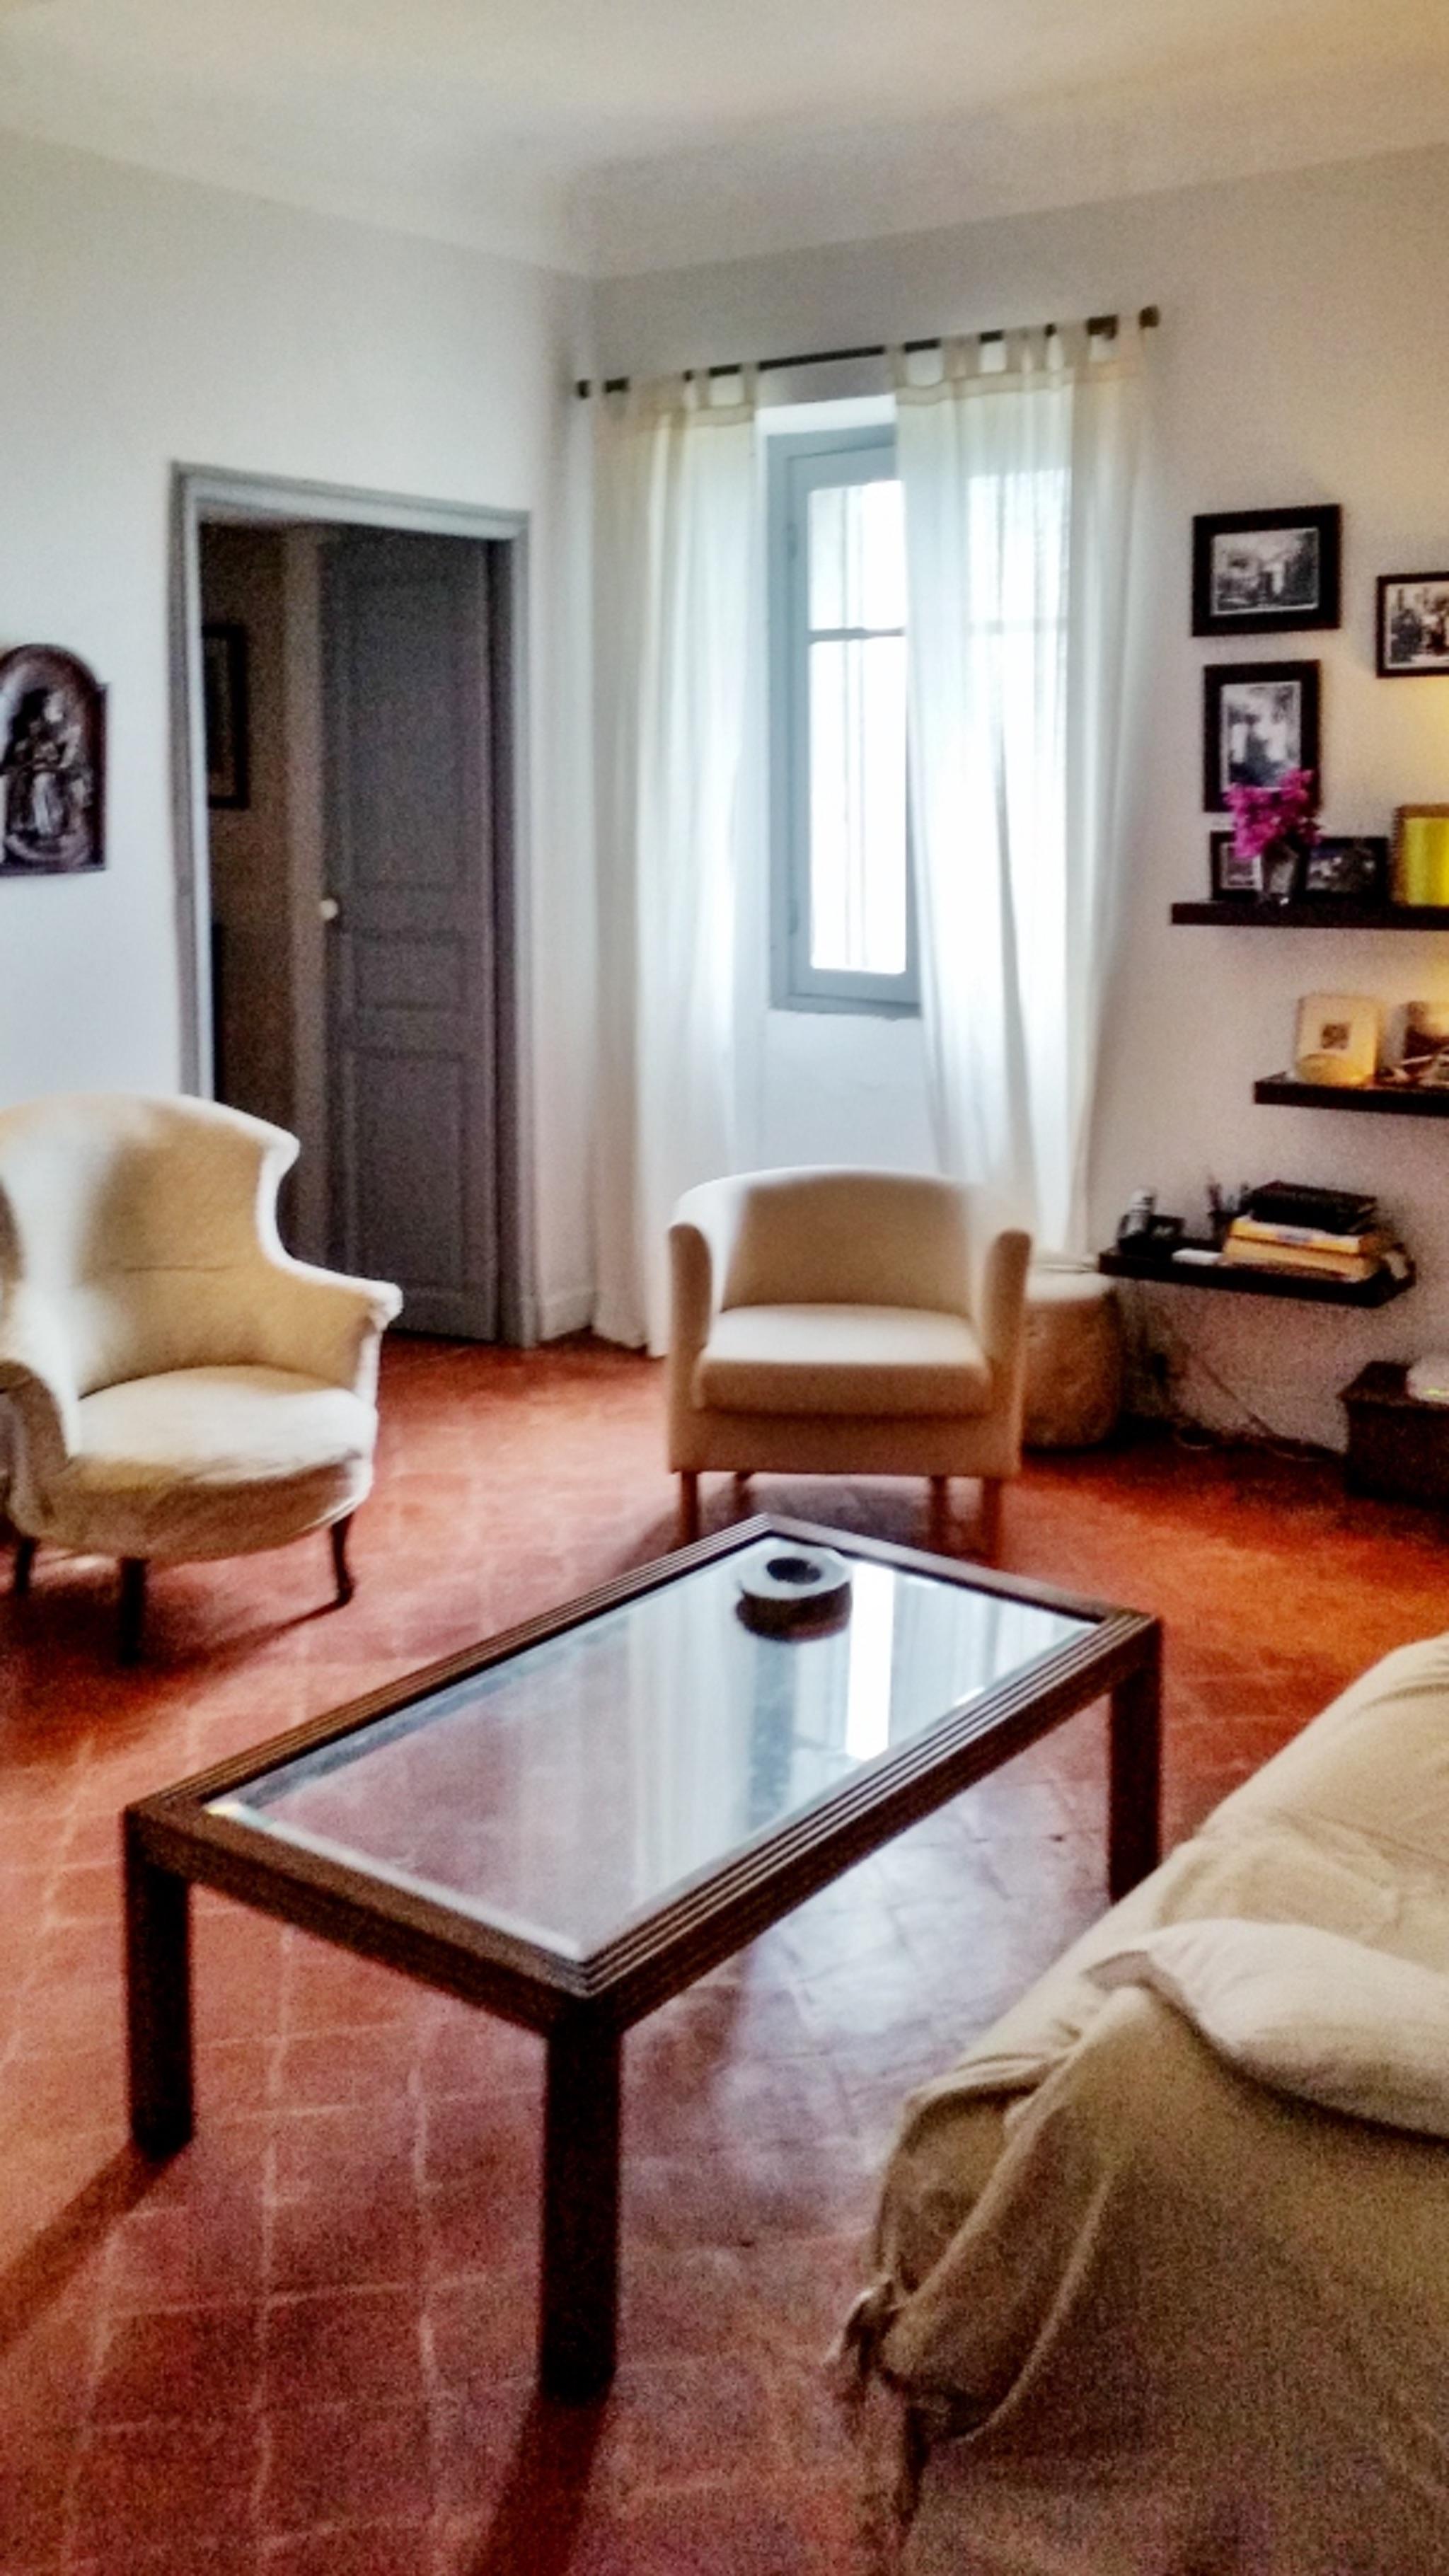 Ferienhaus Herrliches Haus mit neun Schlafzimmern und grandiosem Blick aufs Meer im hübschen Dörfchen (2202571), Centuri, Nordkorsika, Korsika, Frankreich, Bild 7